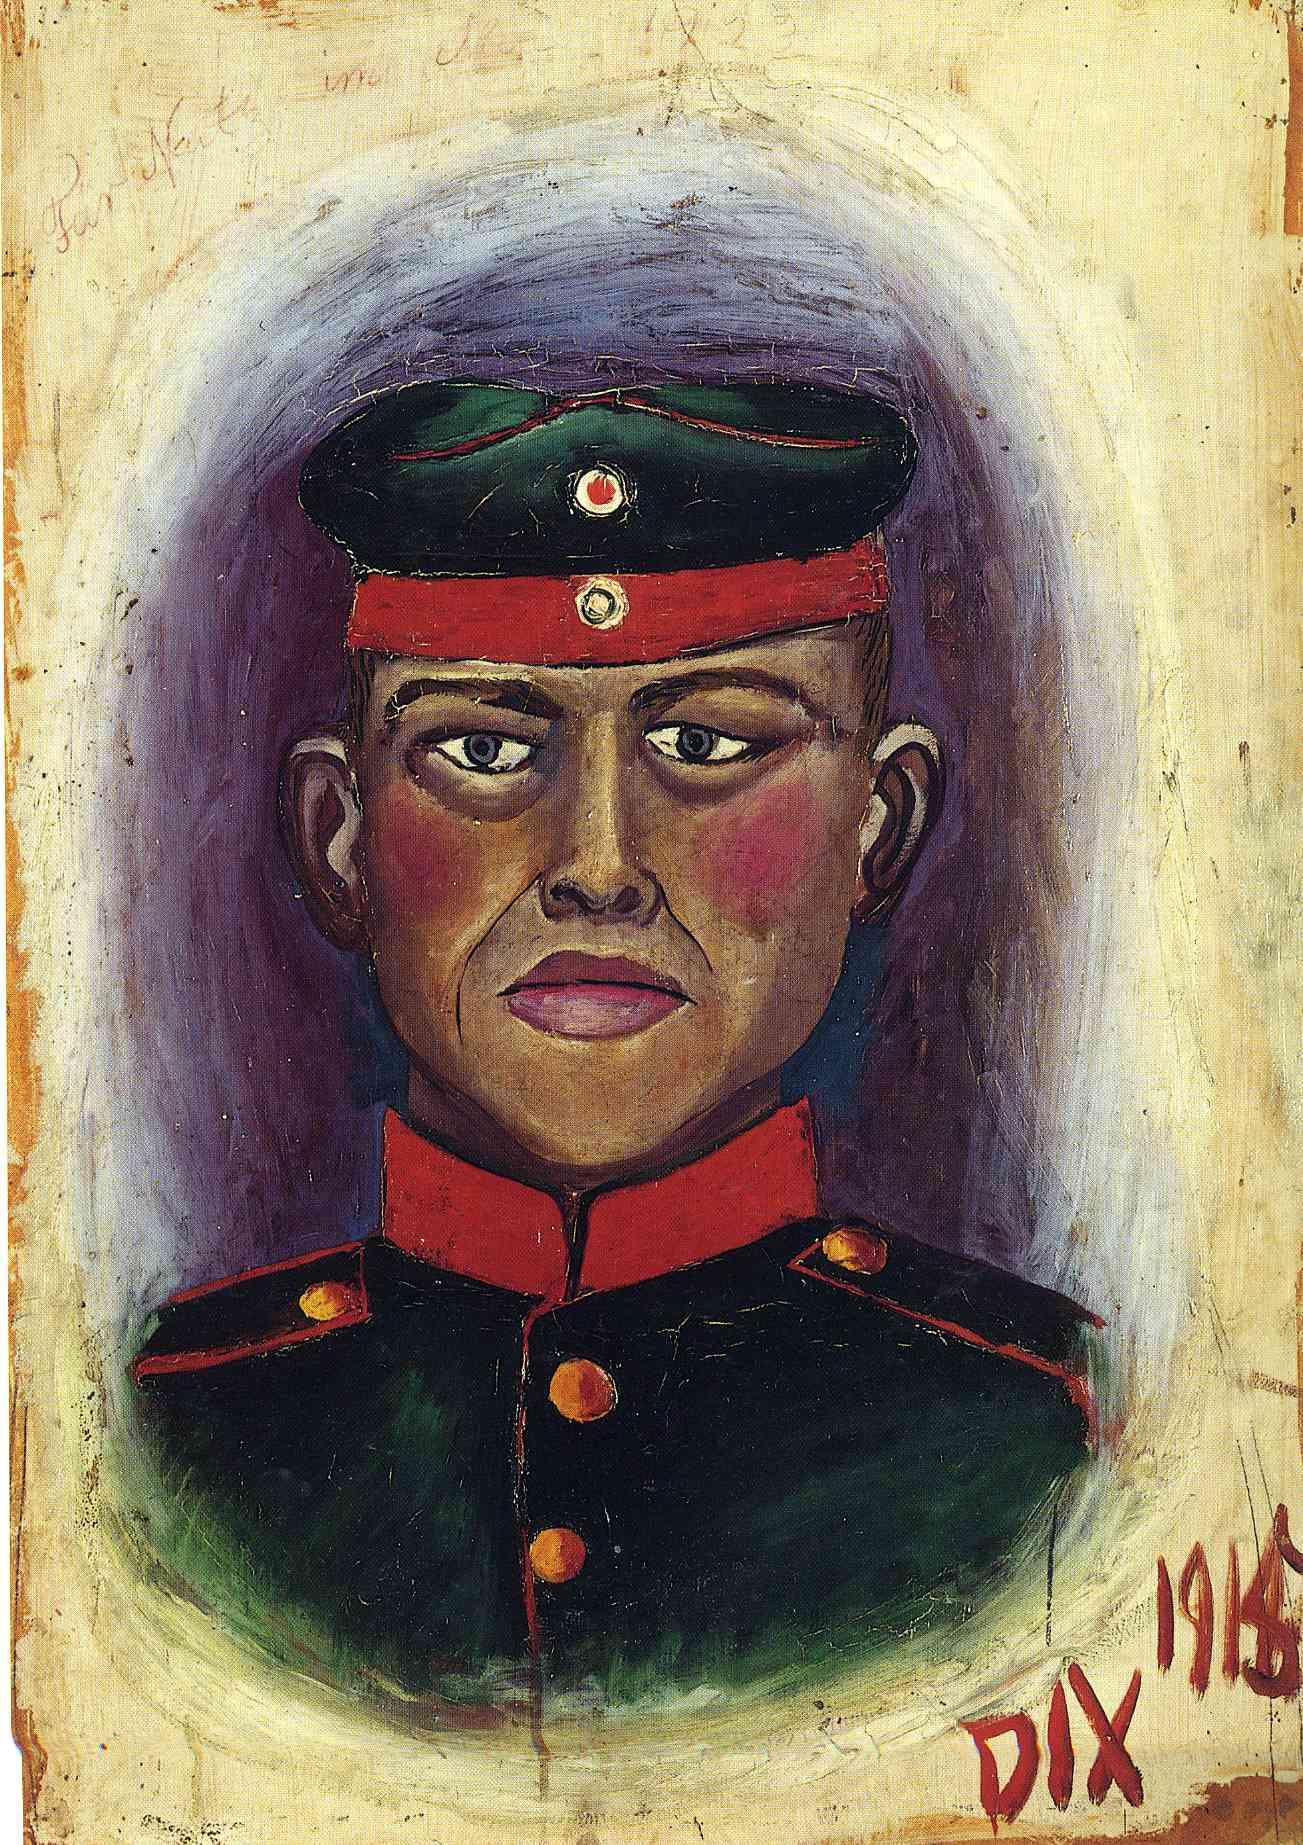 Отто Дикс   XXe   Otto Dix (500 работ) (1 часть ...: nevsepic.com.ua/art-i-risovanaya-grafika/8186-otto-diks-xxe-otto...